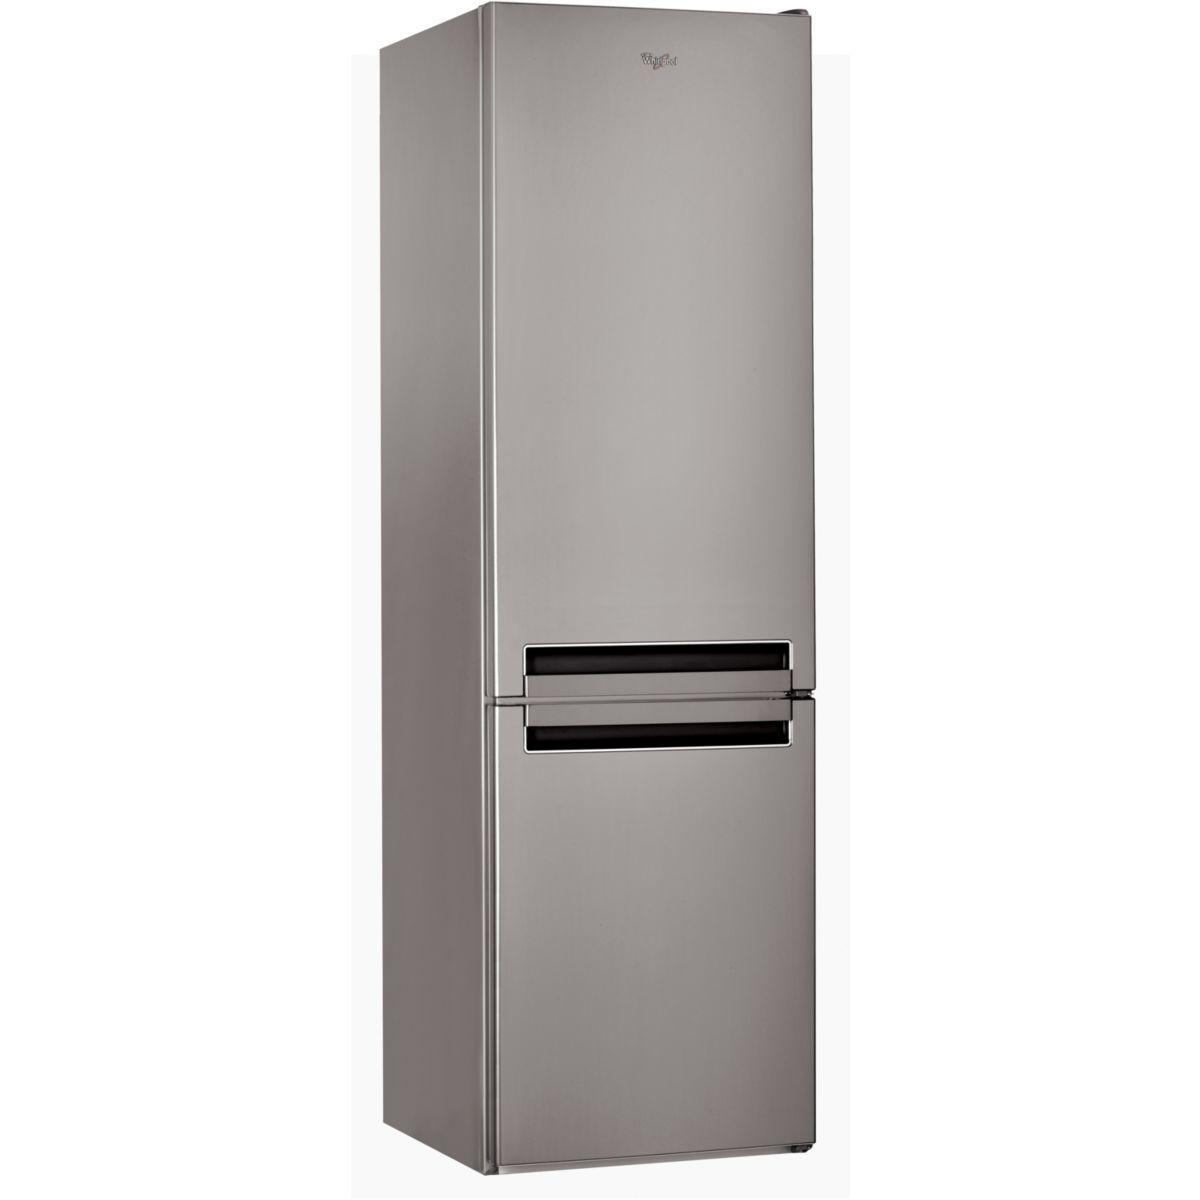 Réfrigérateur congélateur en bas whirlpool ex bsnf9151ox - notre selection (photo)